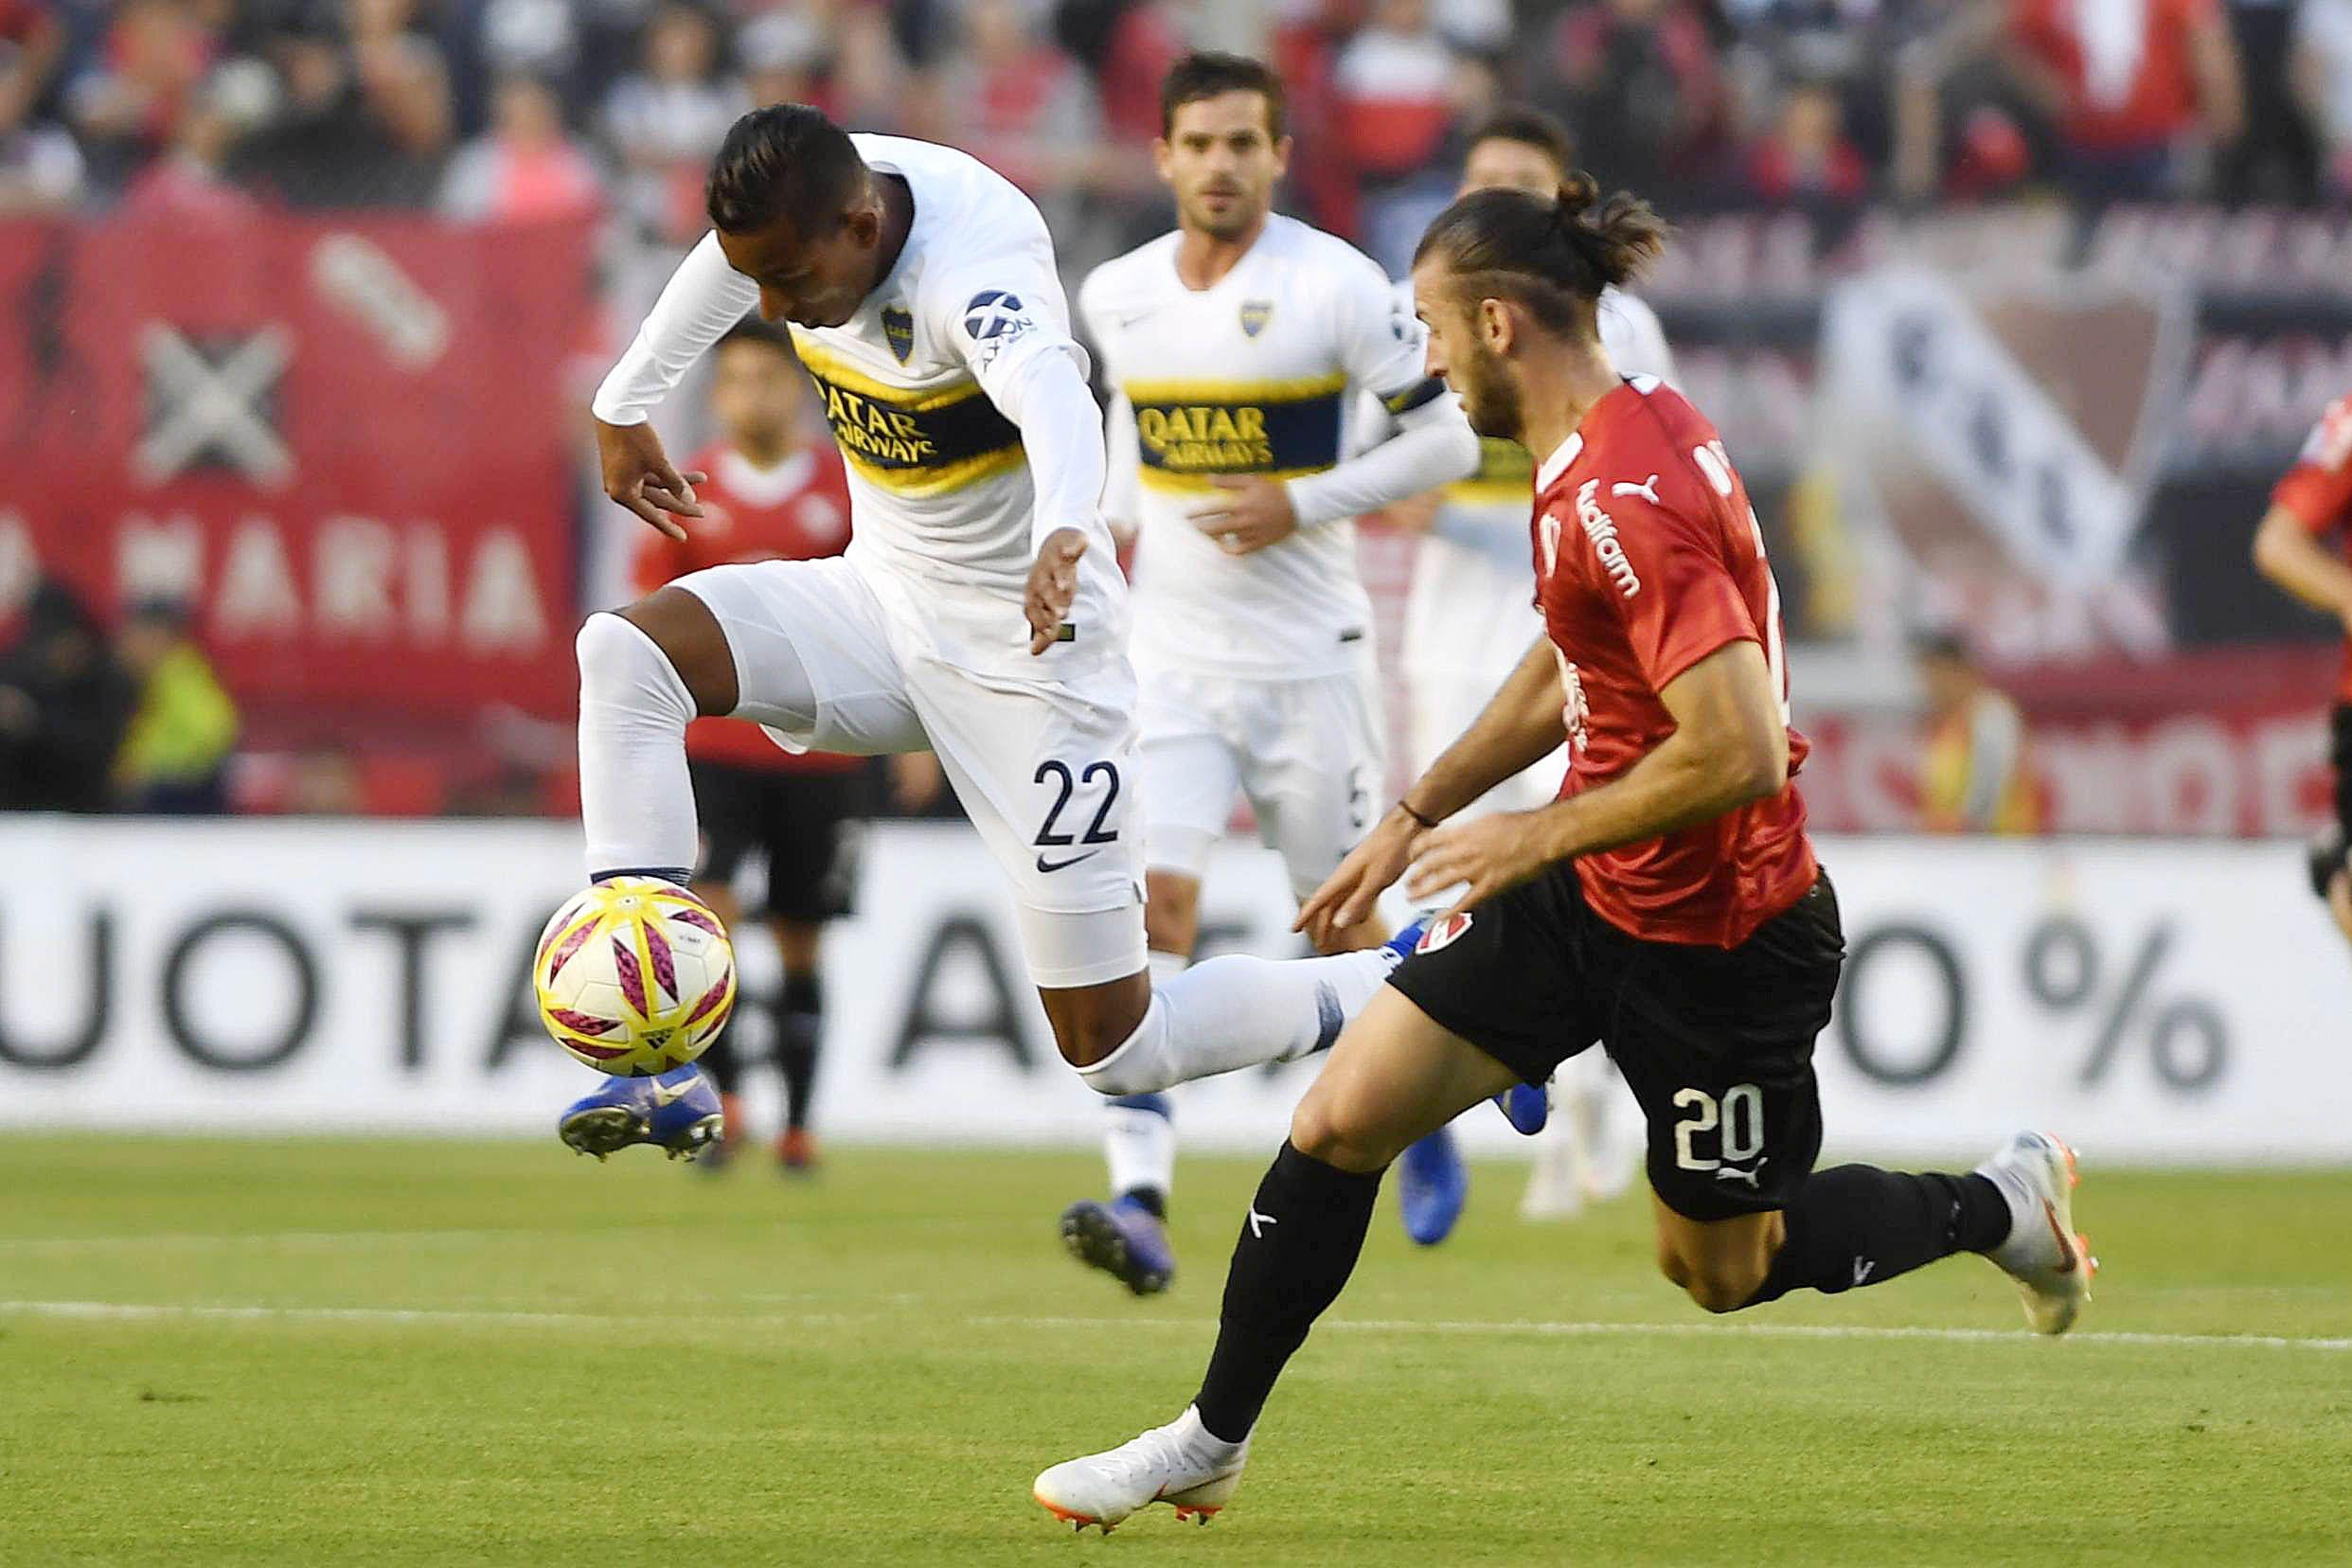 Con la cabeza en Madrid, Boca venció a Independiente en Avellaneda